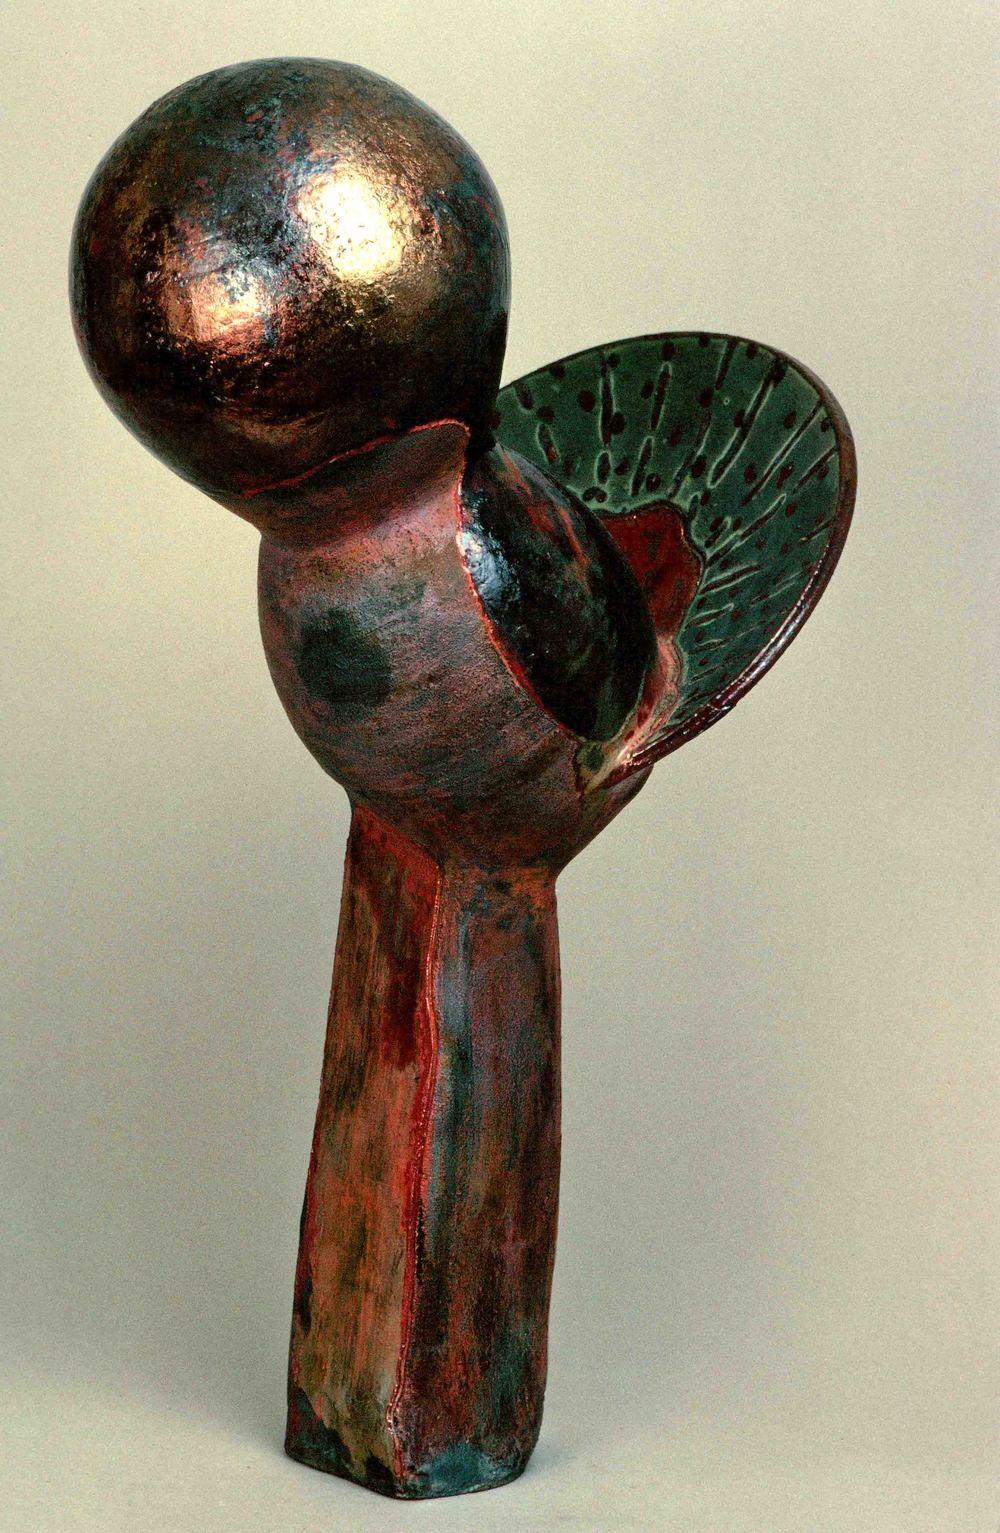 sculpture-37.jpg